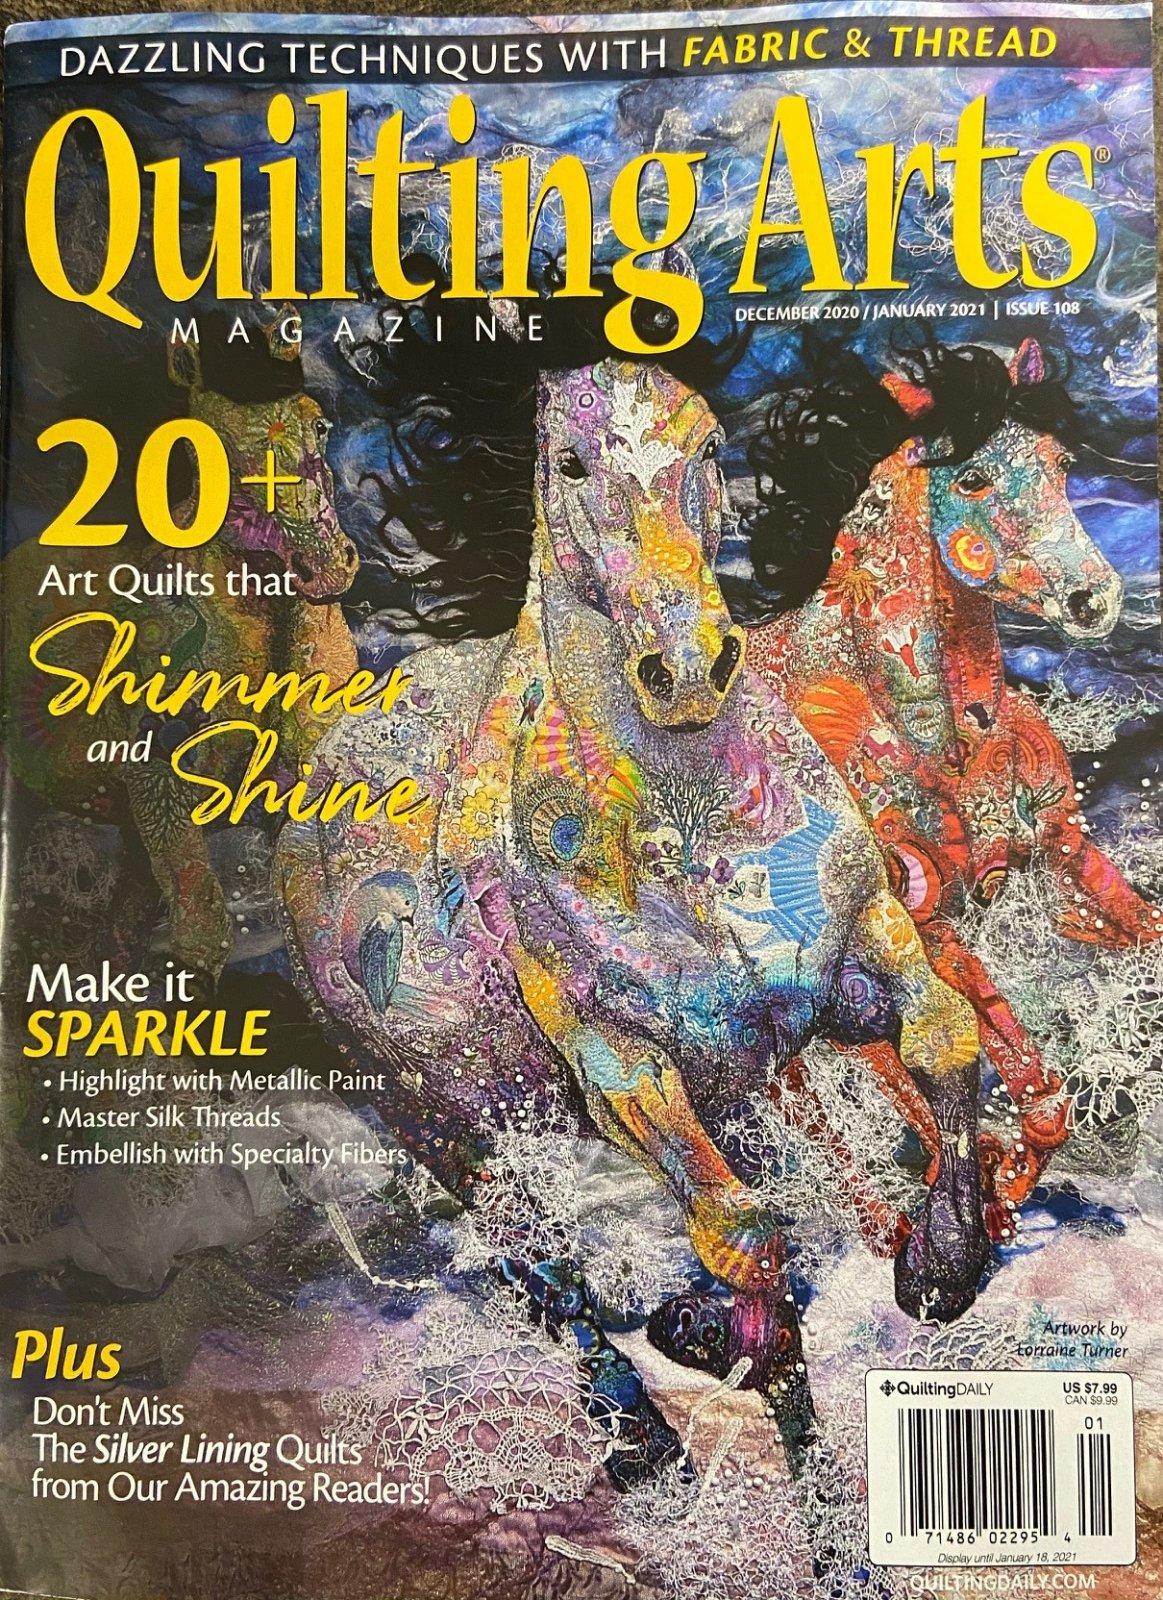 Quilting Arts Dec 2020/Jan 2021 Issue 108